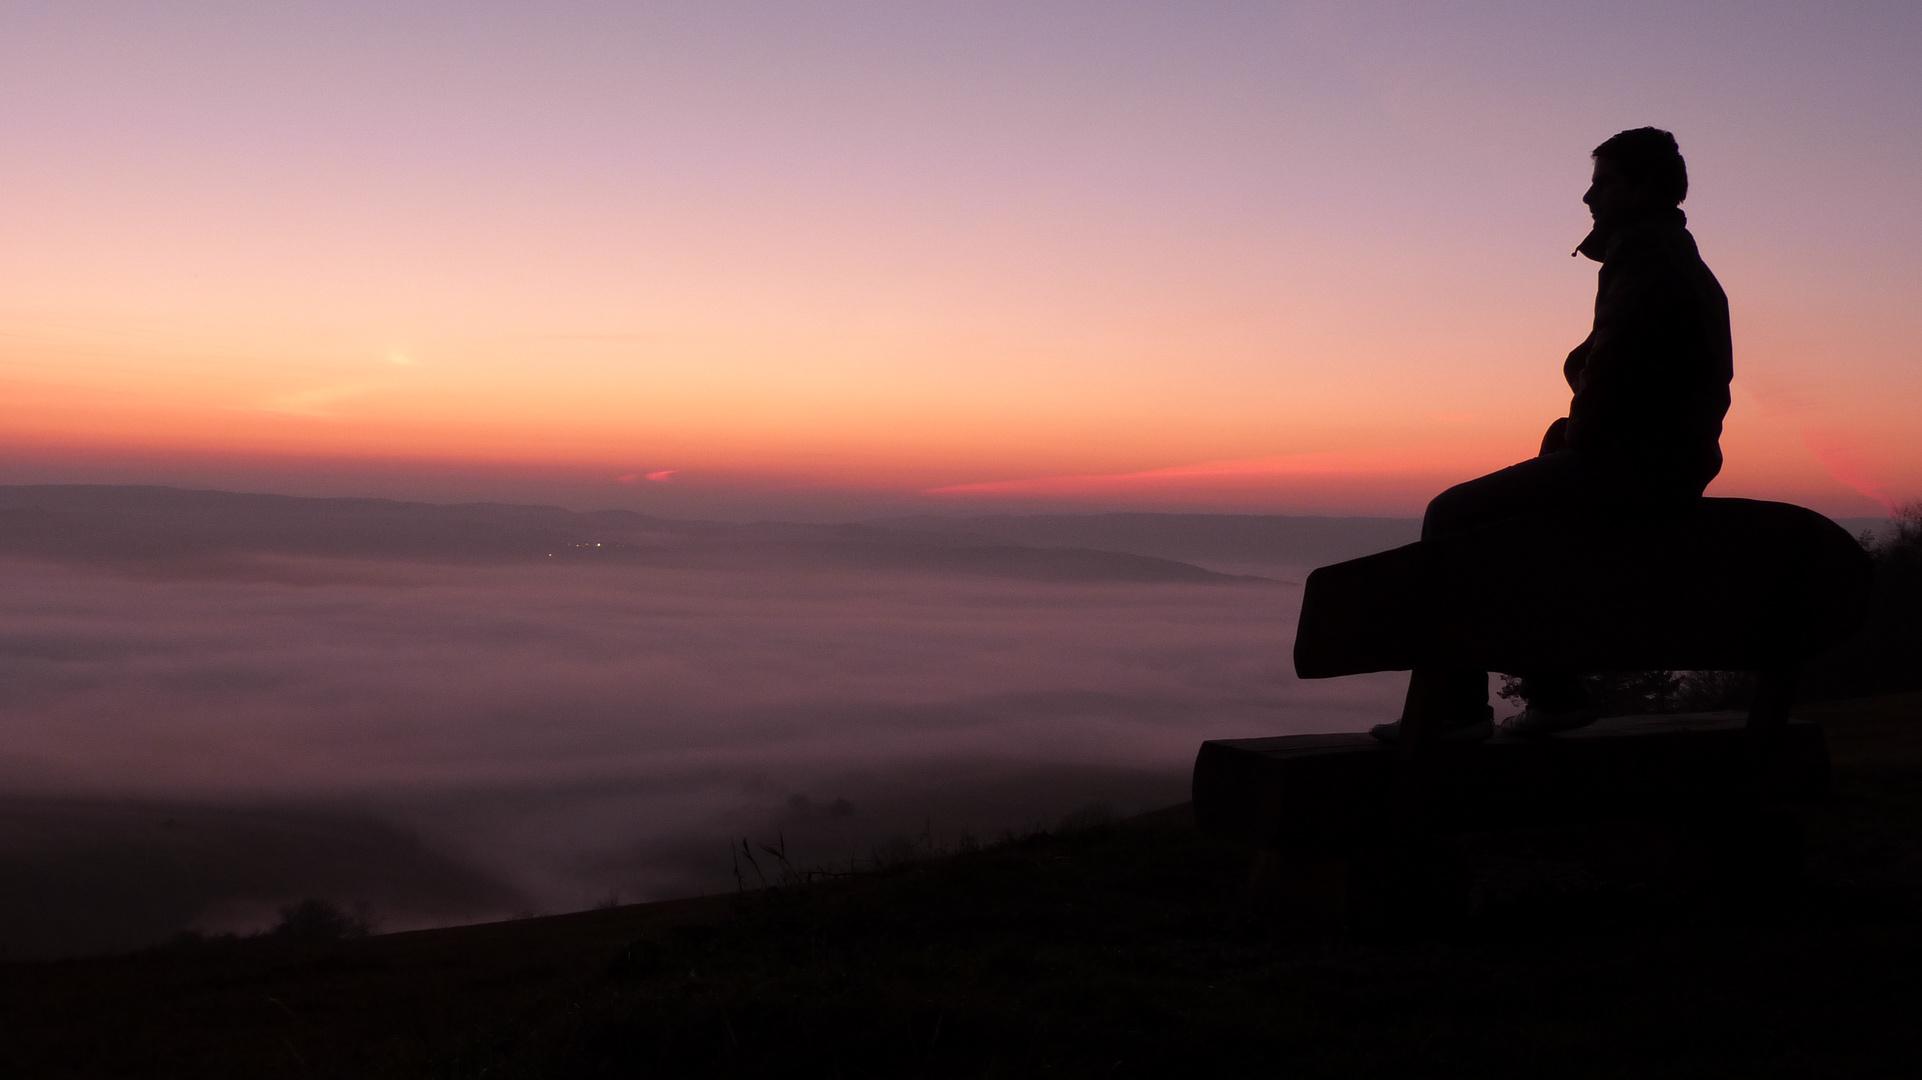 Sonnenuntergang mit dem Nebel im Tal